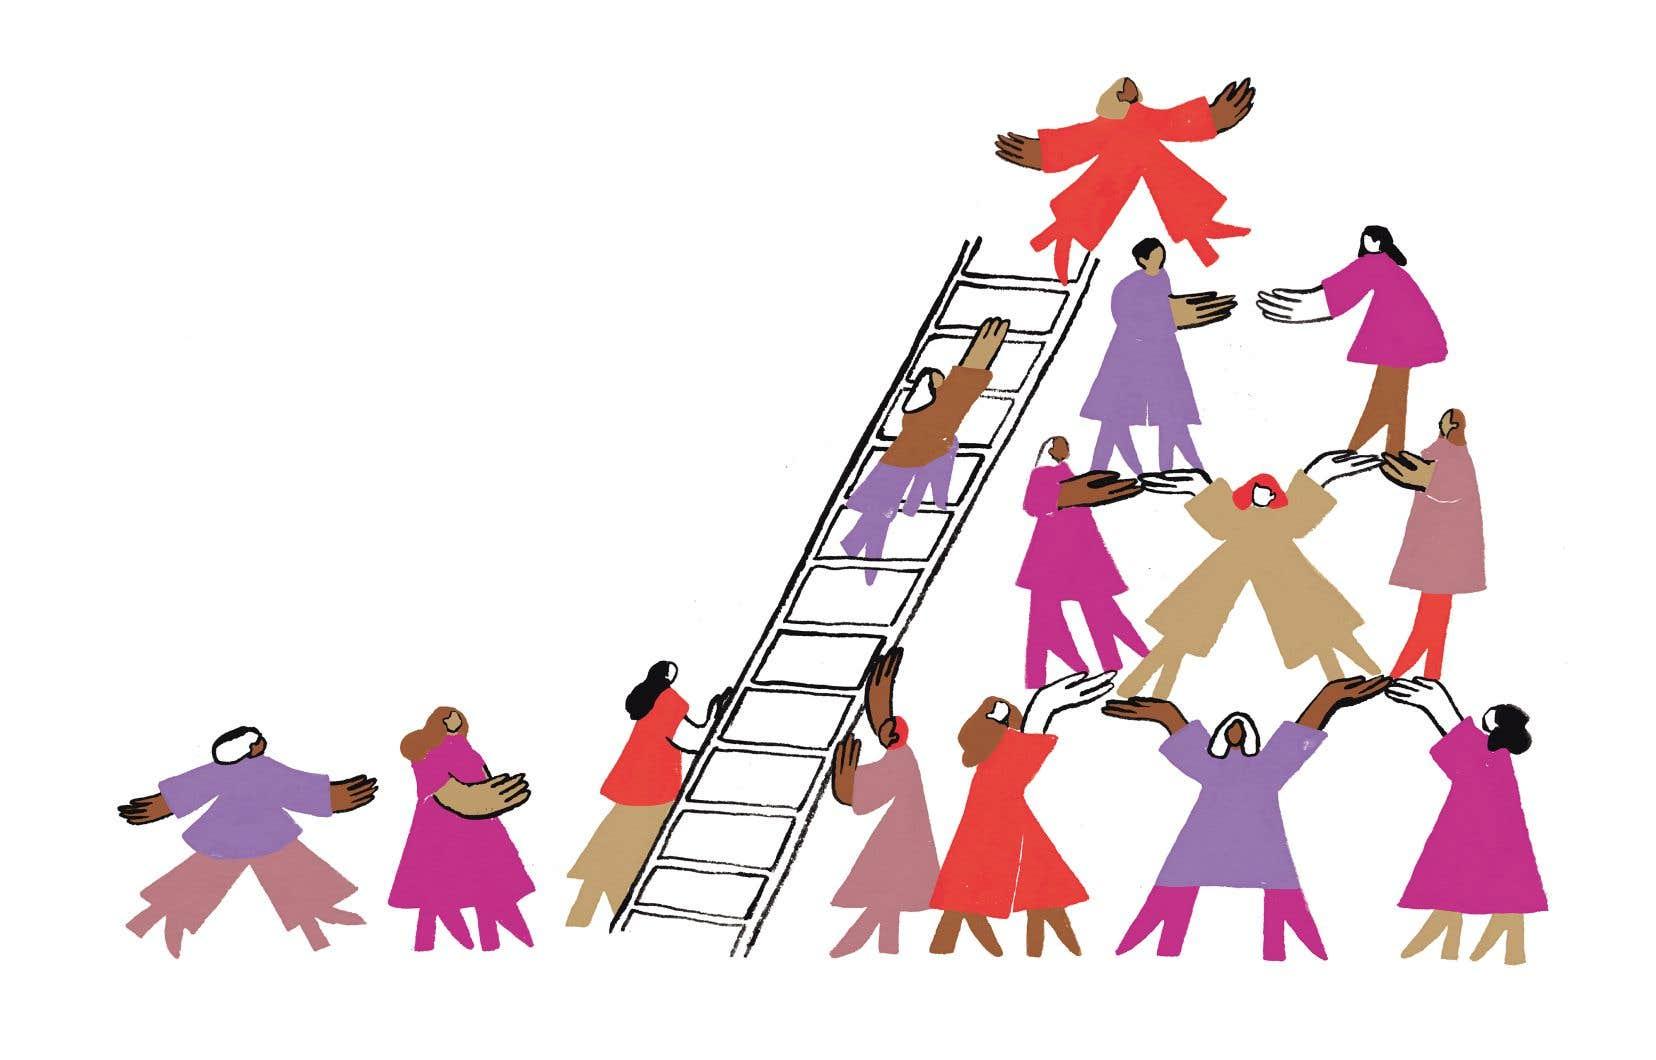 Certaines entreprises travaillent fort pour projeter une image accueillante envers les femmes. Et cette approche féministe serait payante. Dernier texte de notre série.